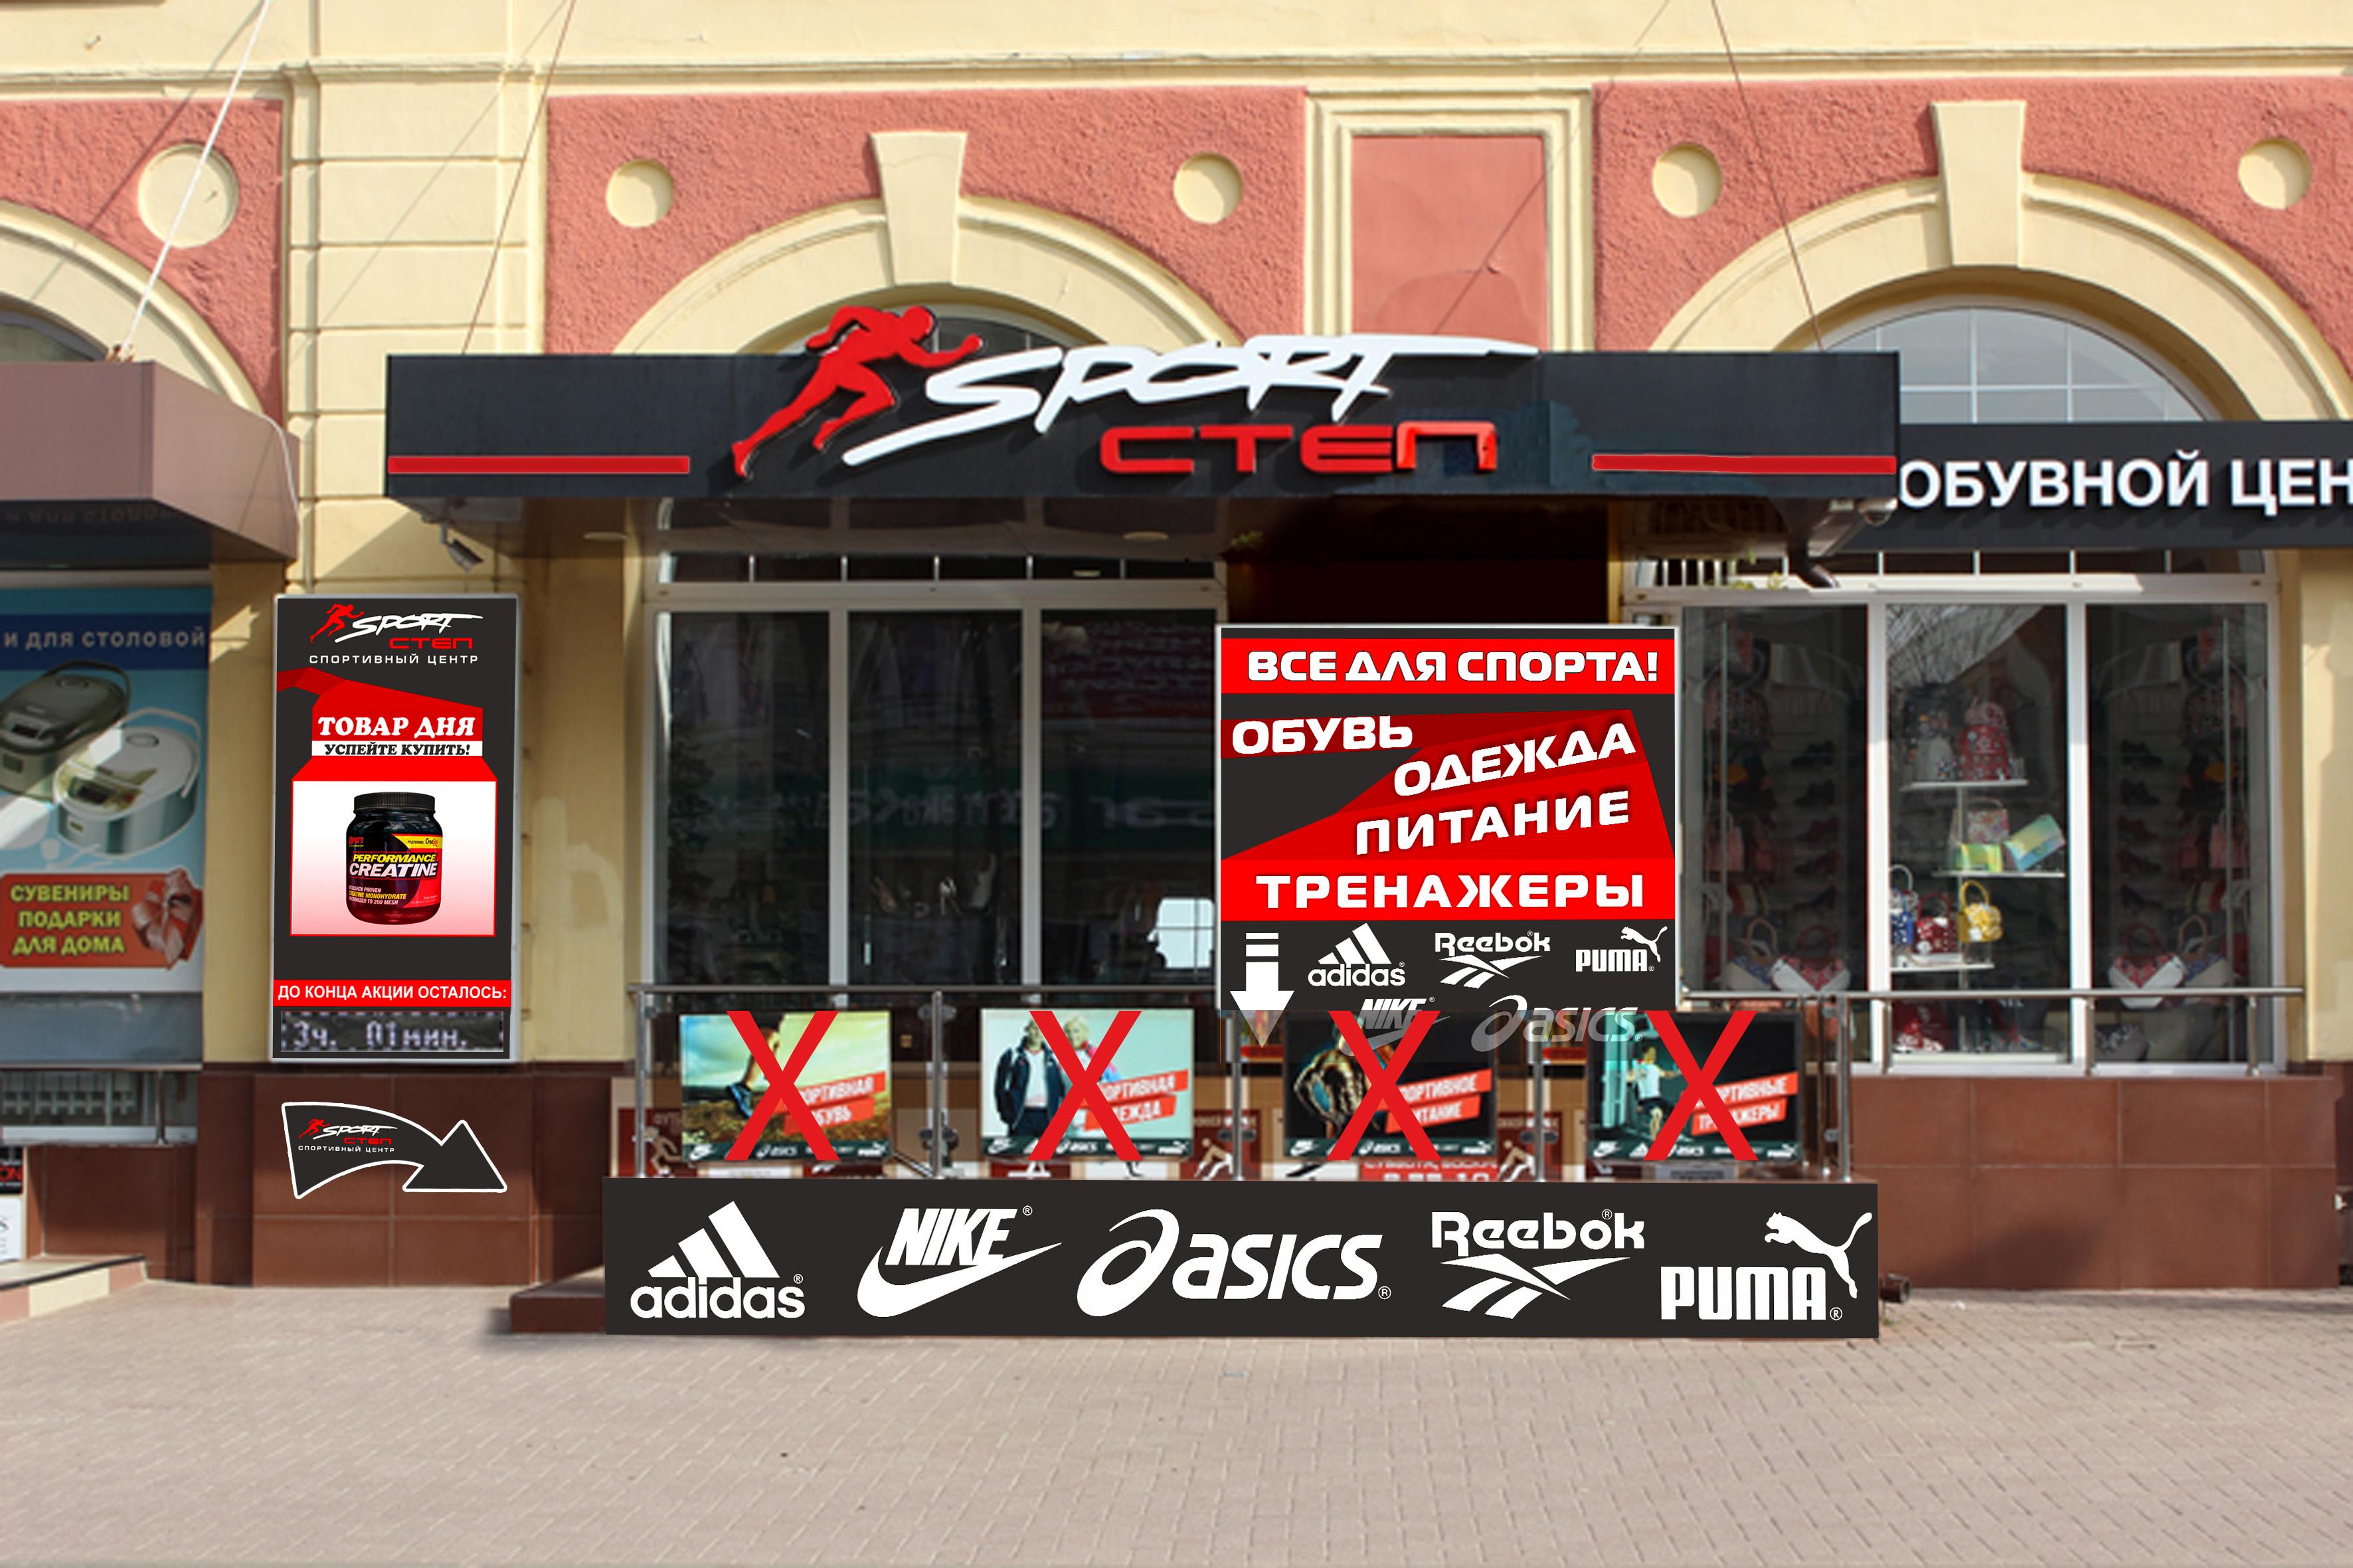 """Оформление фасада магазина спорт-товаров """"Спорт-Степ"""" фото f_51159051eb2b5d62.jpg"""